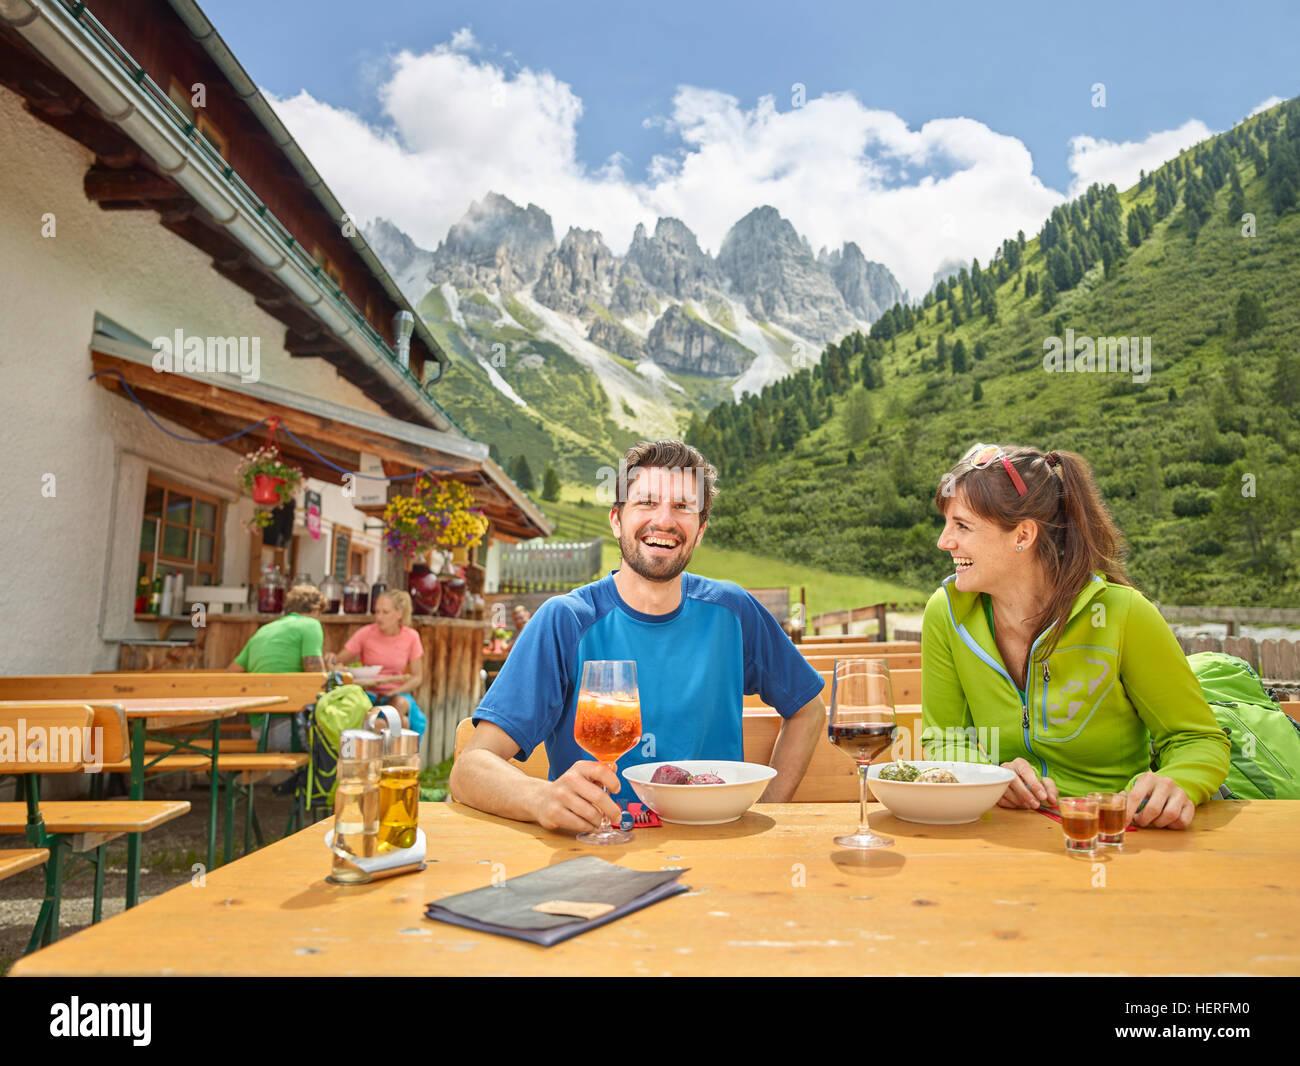 Gli escursionisti prendendo pausa al rifugio, Kalkkögel, Tirolo, Austria Immagini Stock